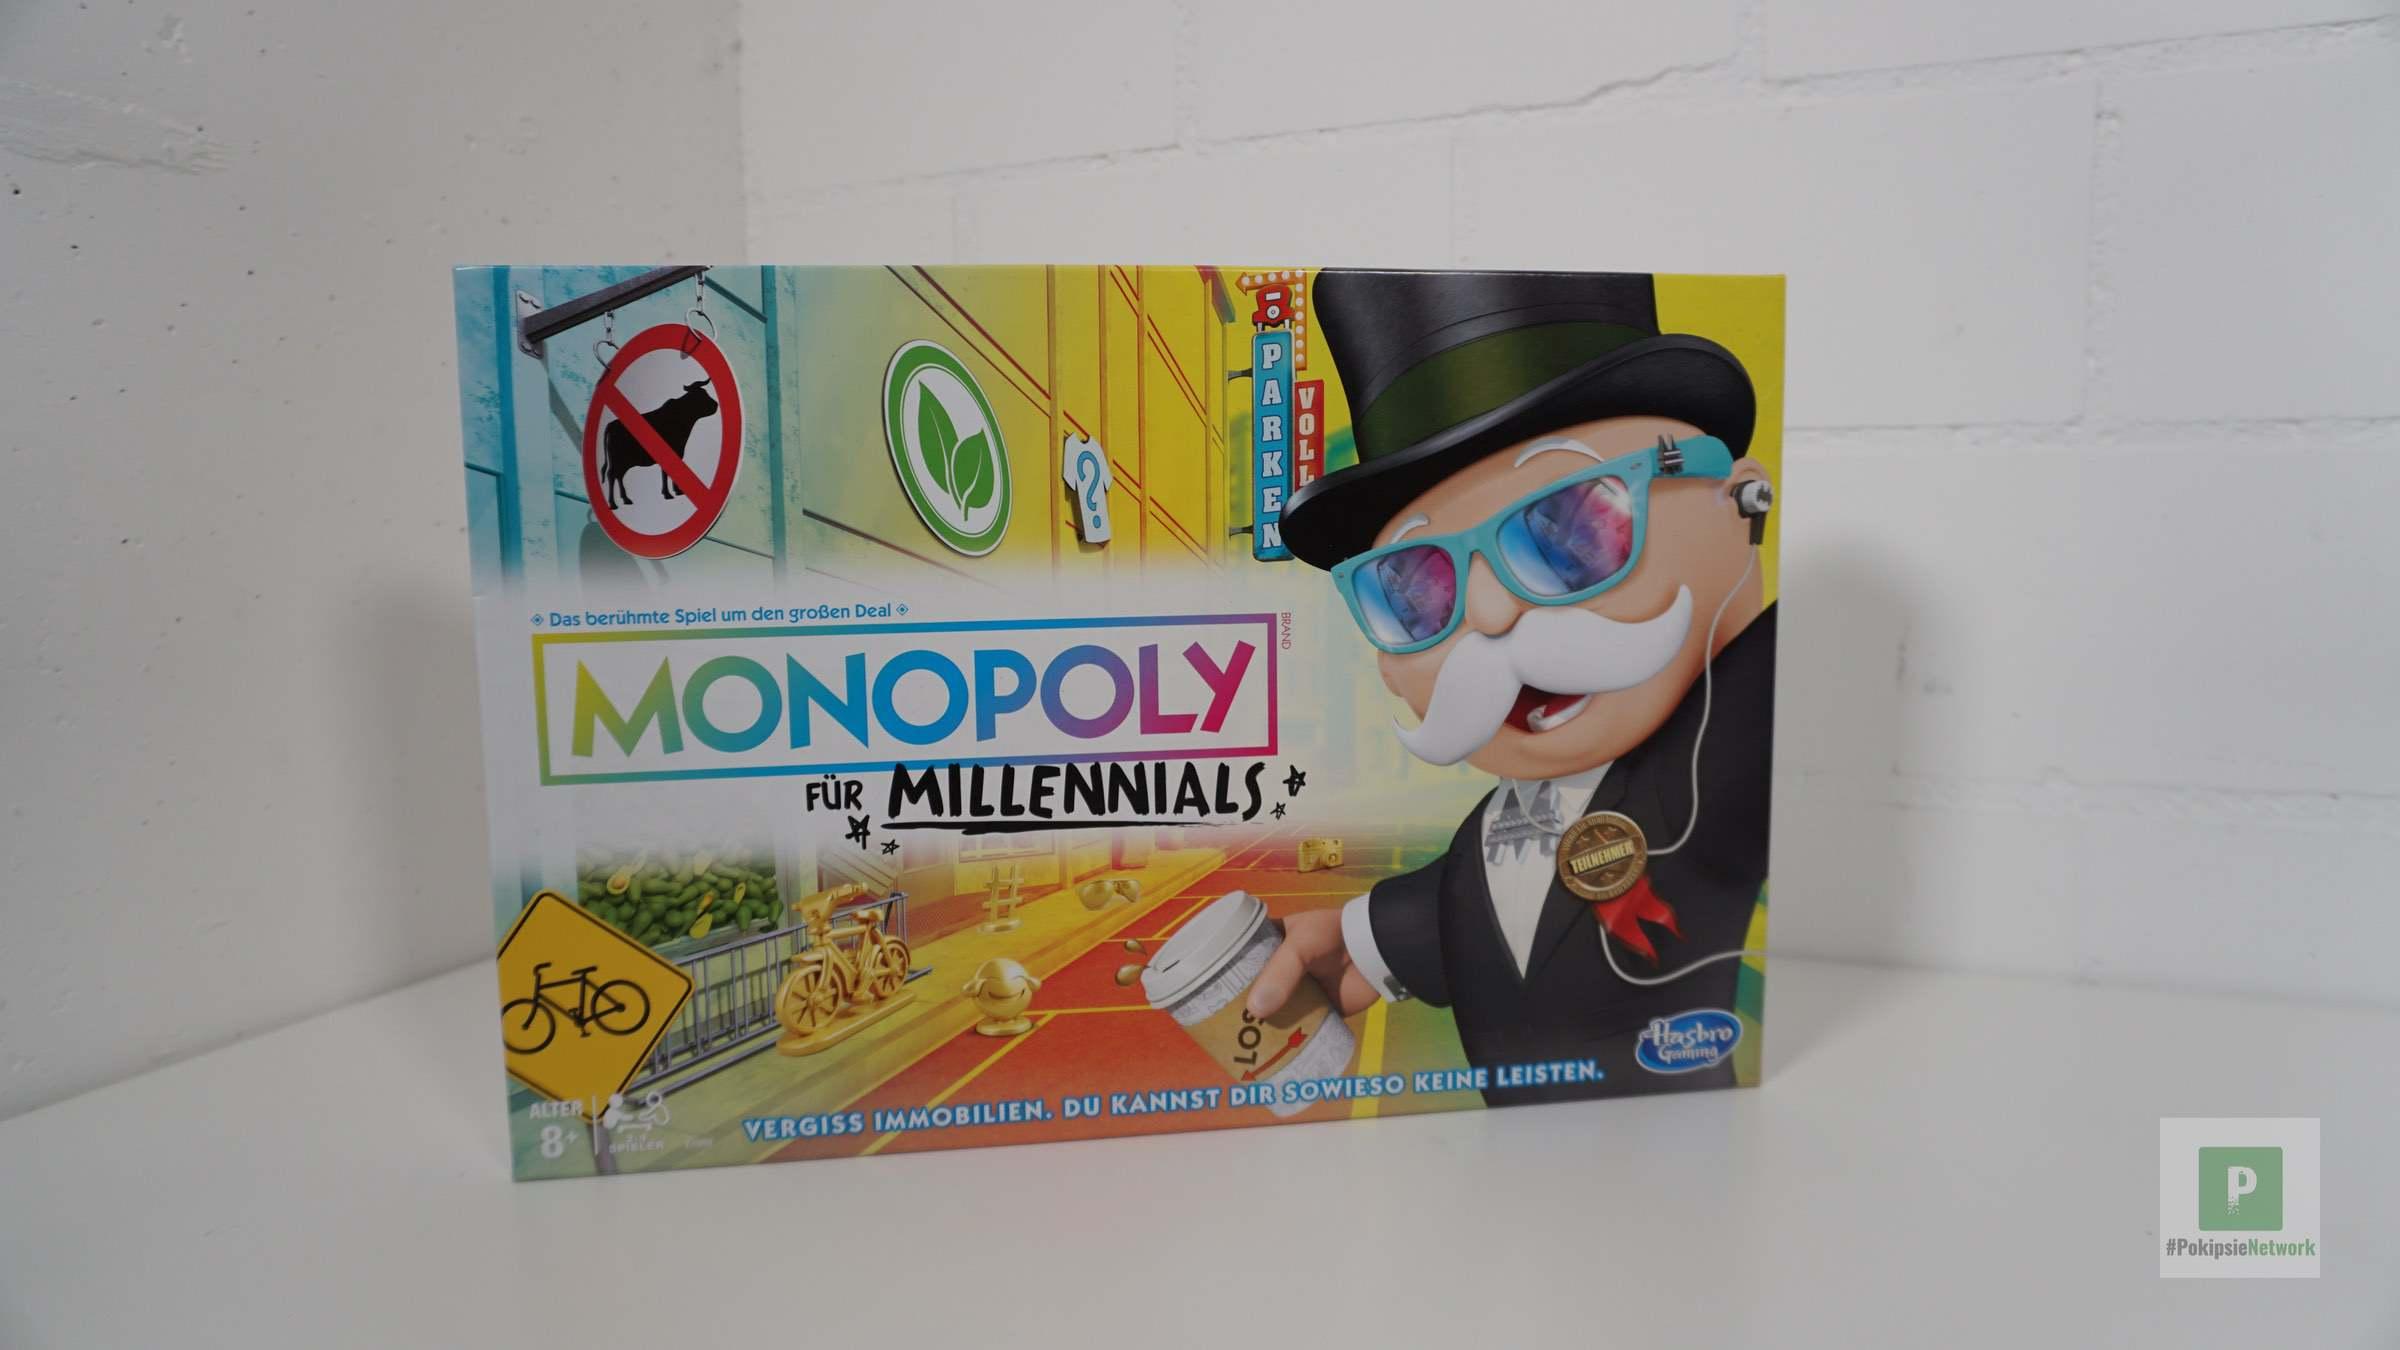 Monopoly Millennials – Die eigenen Erfahrungen sind das was zählt, nicht das Geld